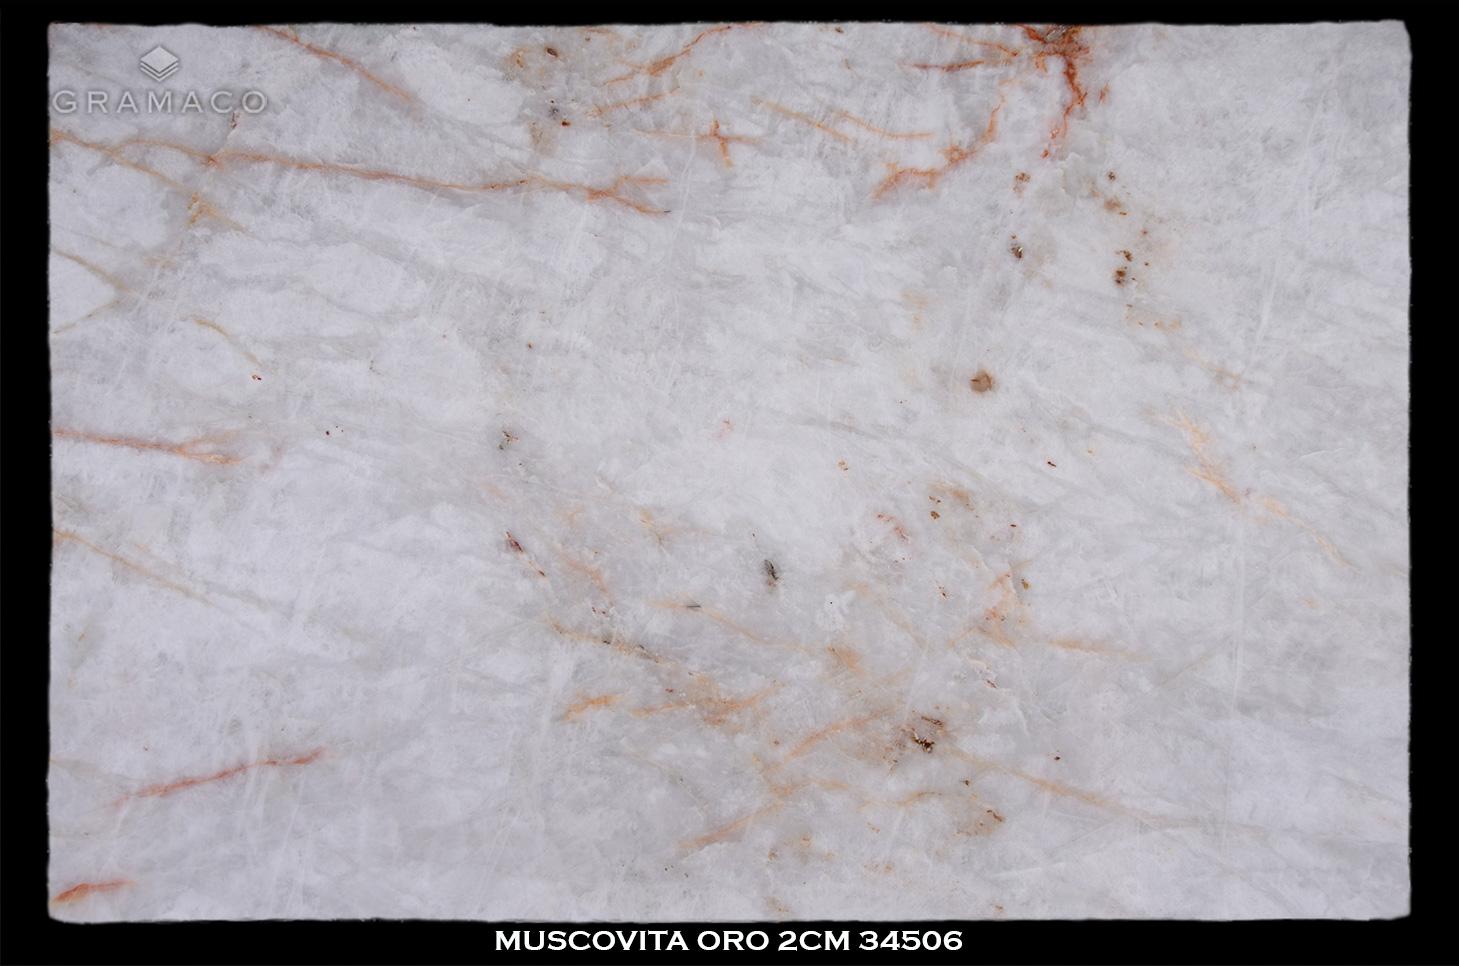 MUSCOVITA-ORO-2CM-34506